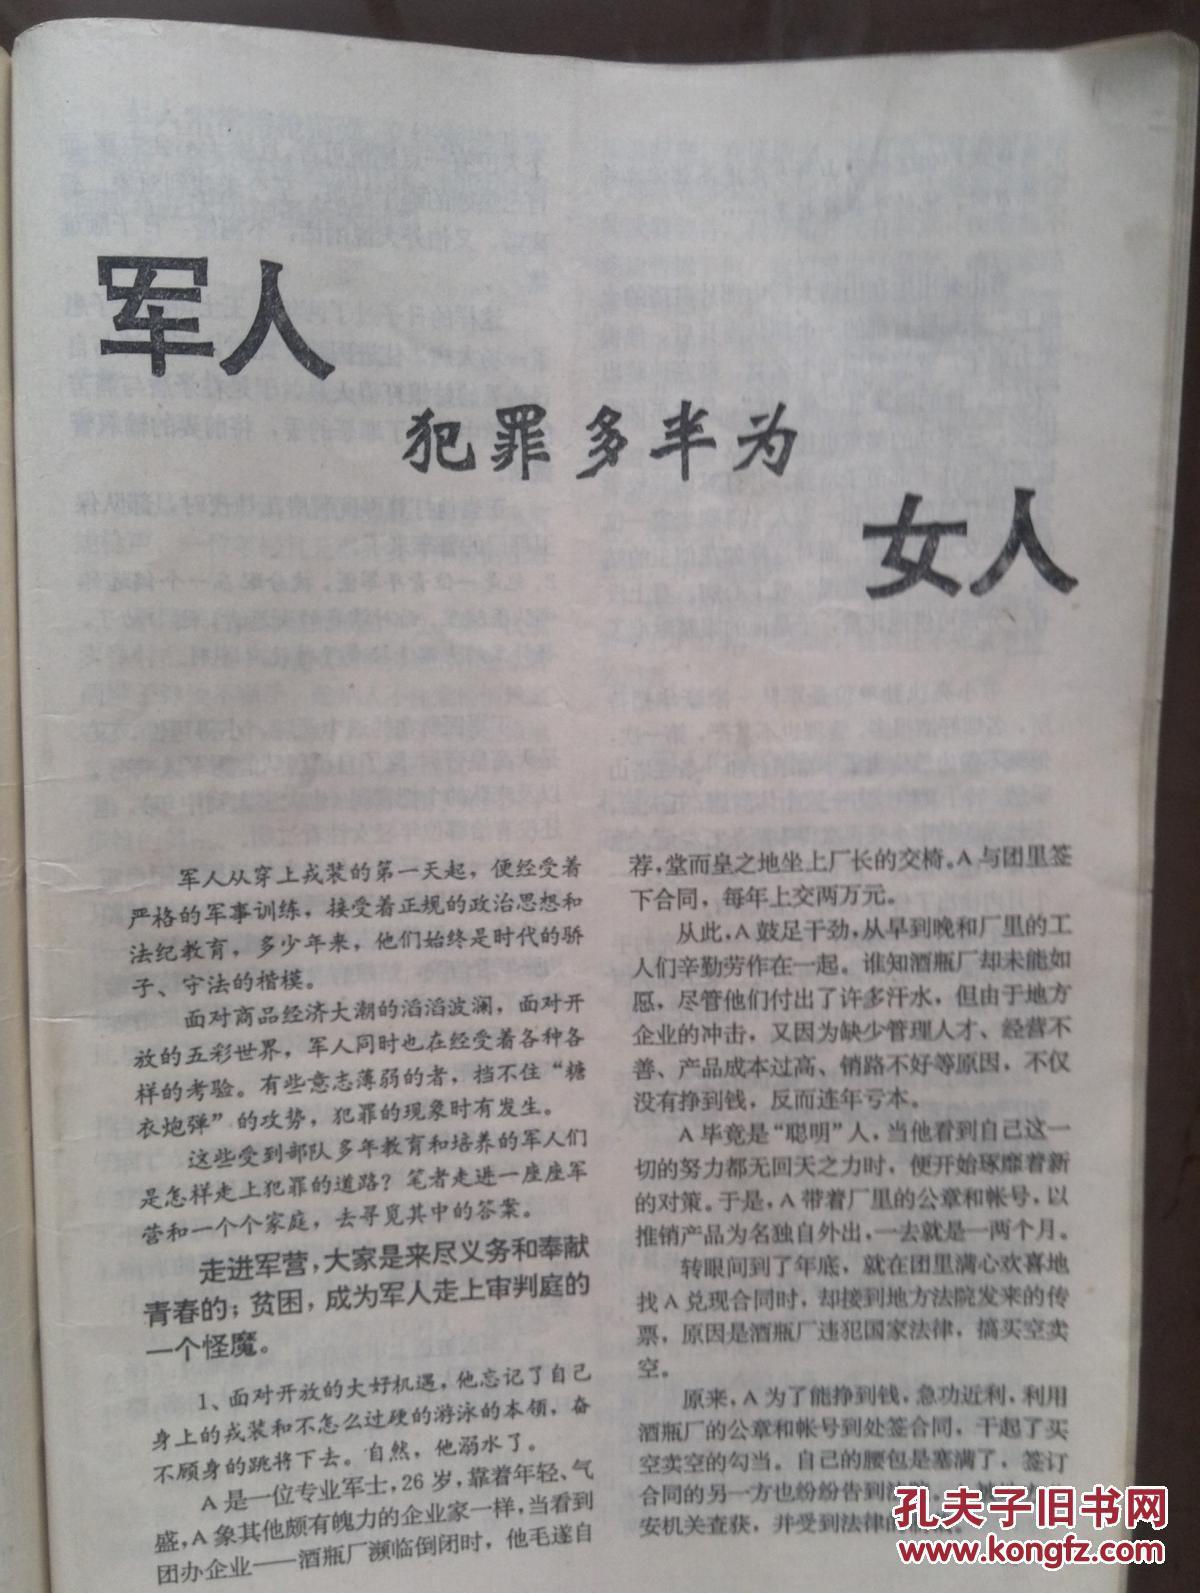 丰镇文艺,1993年9月,许晓丹敢以乳头对拳头,一个风流放荡的女兵,一个